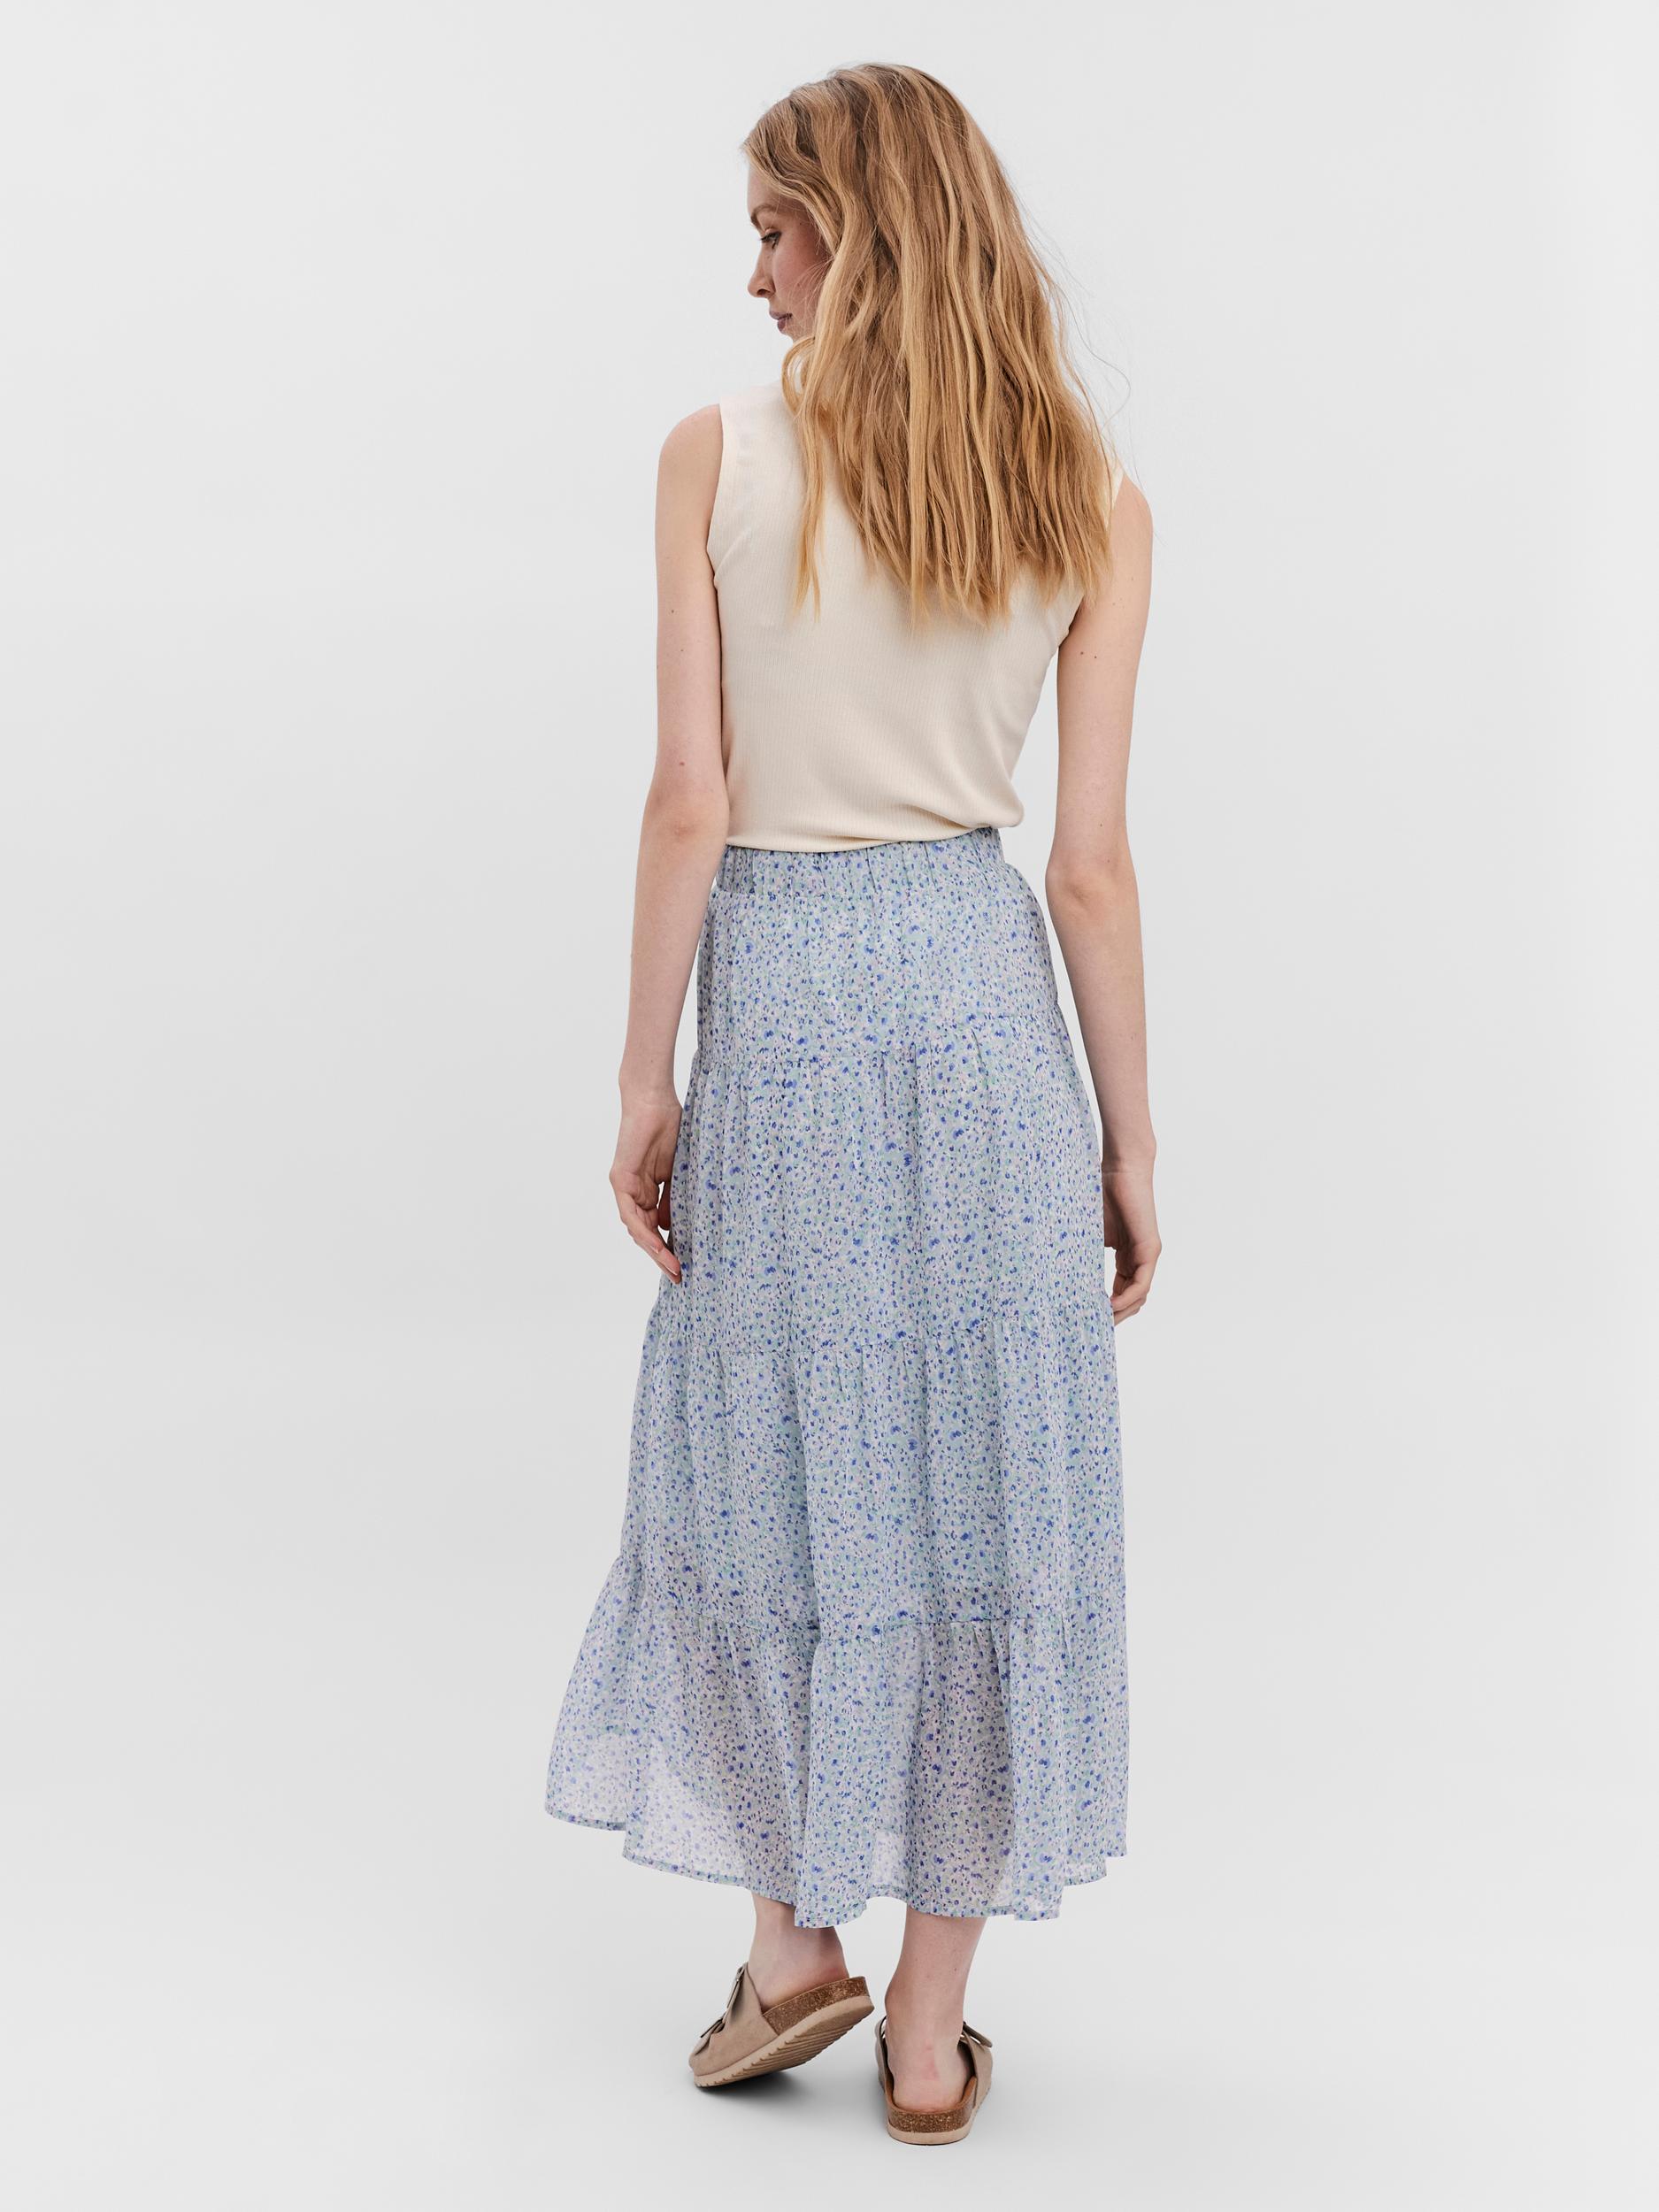 Vero Moda Minna Ankel nederdel, light blue, medium